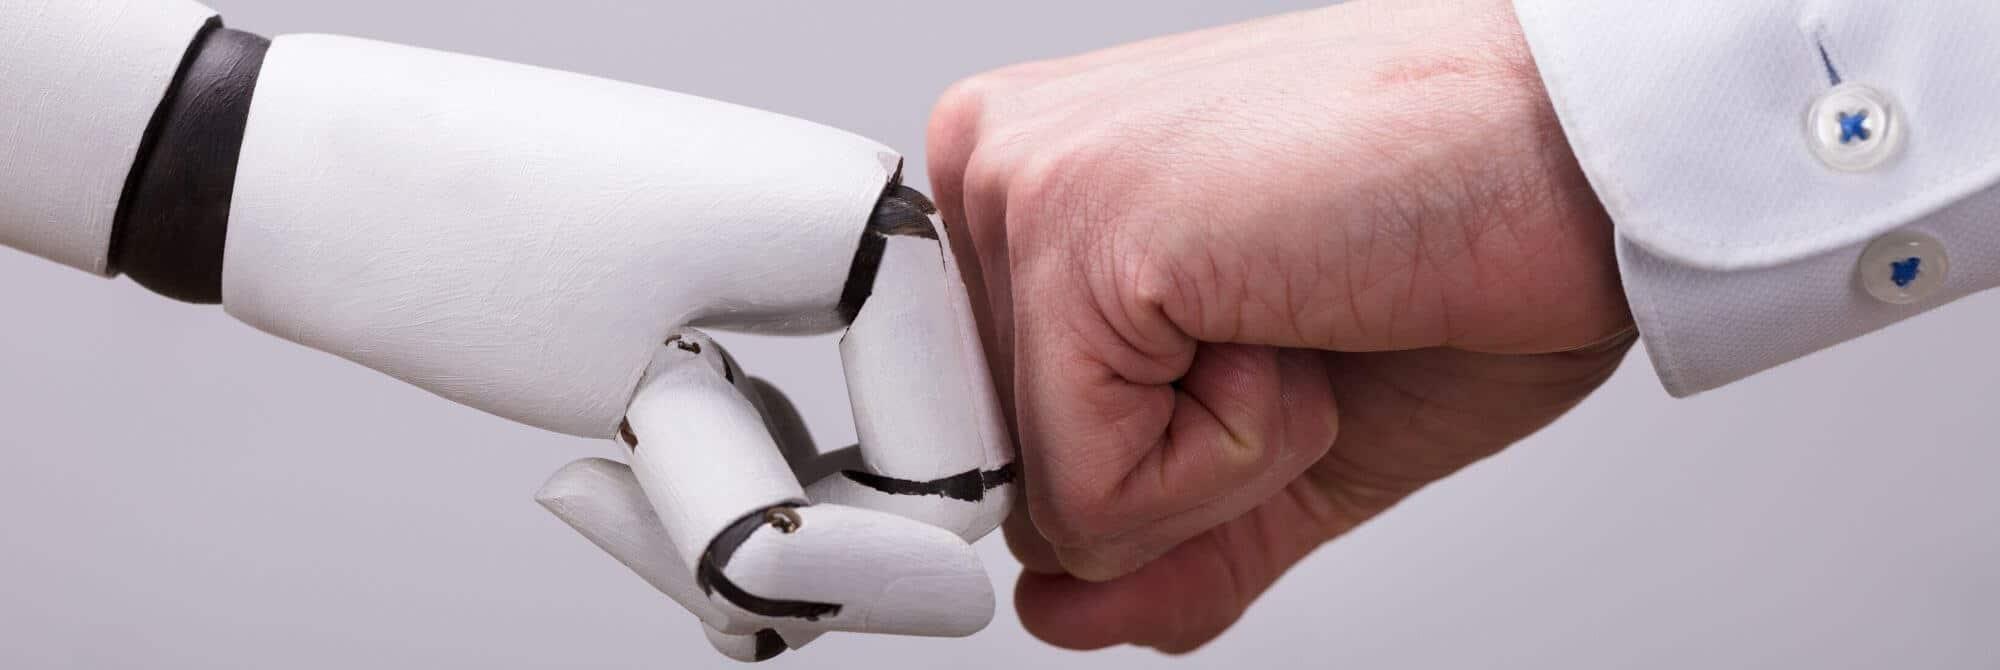 דיגיטל בוסטאיך רובוט האינסטגרם שלנו יכול לעזור לכם להצליח